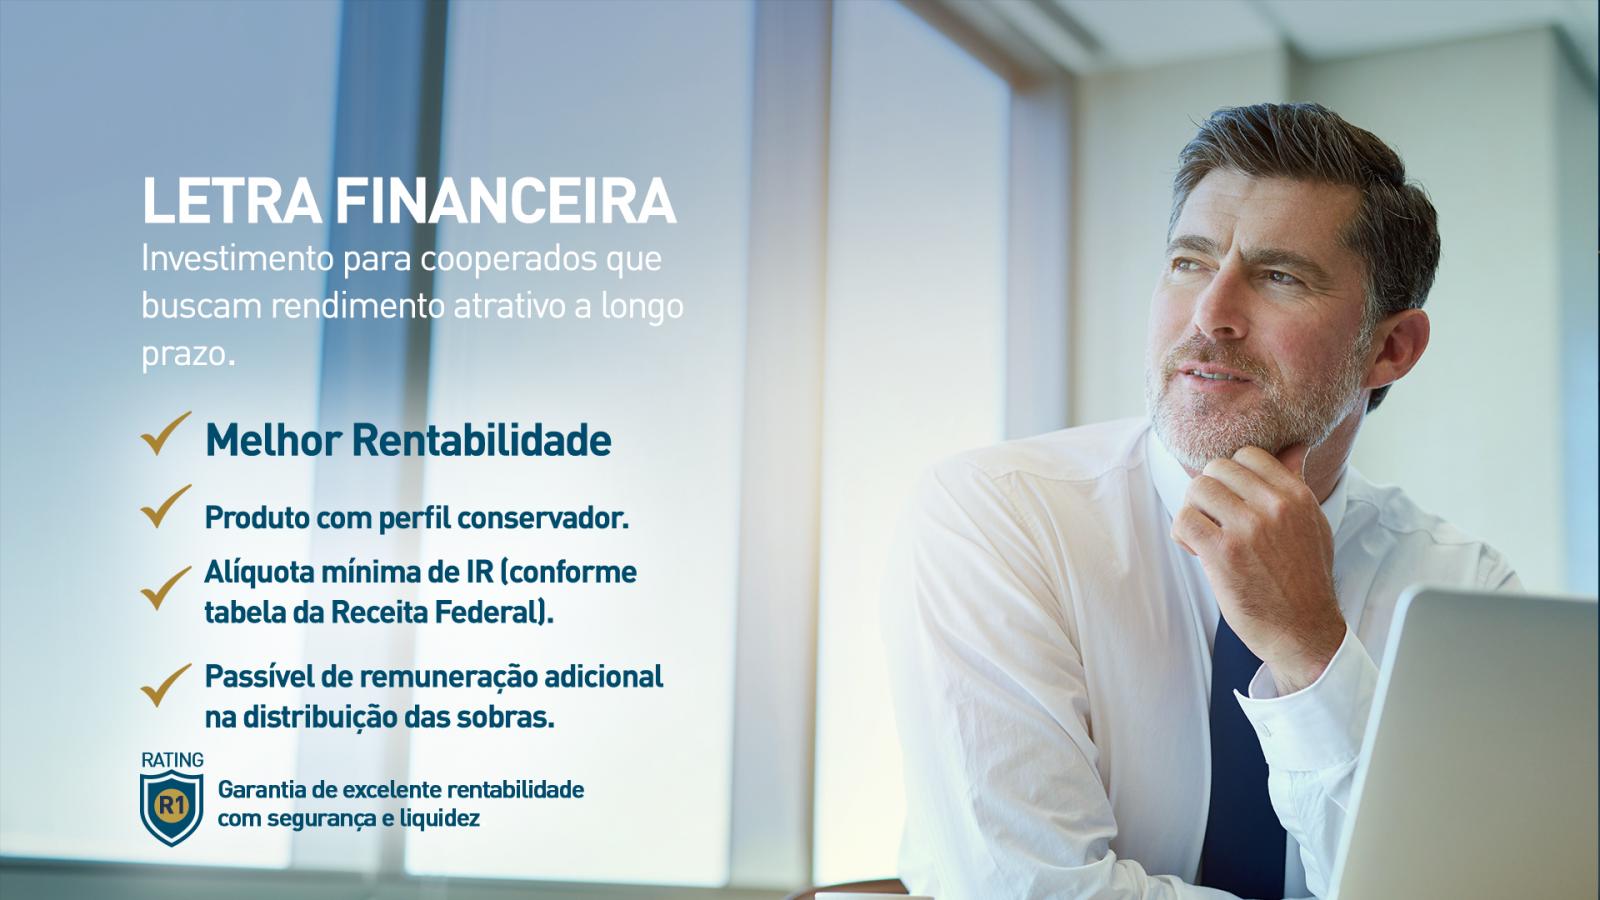 Letra Financeira Uniprime